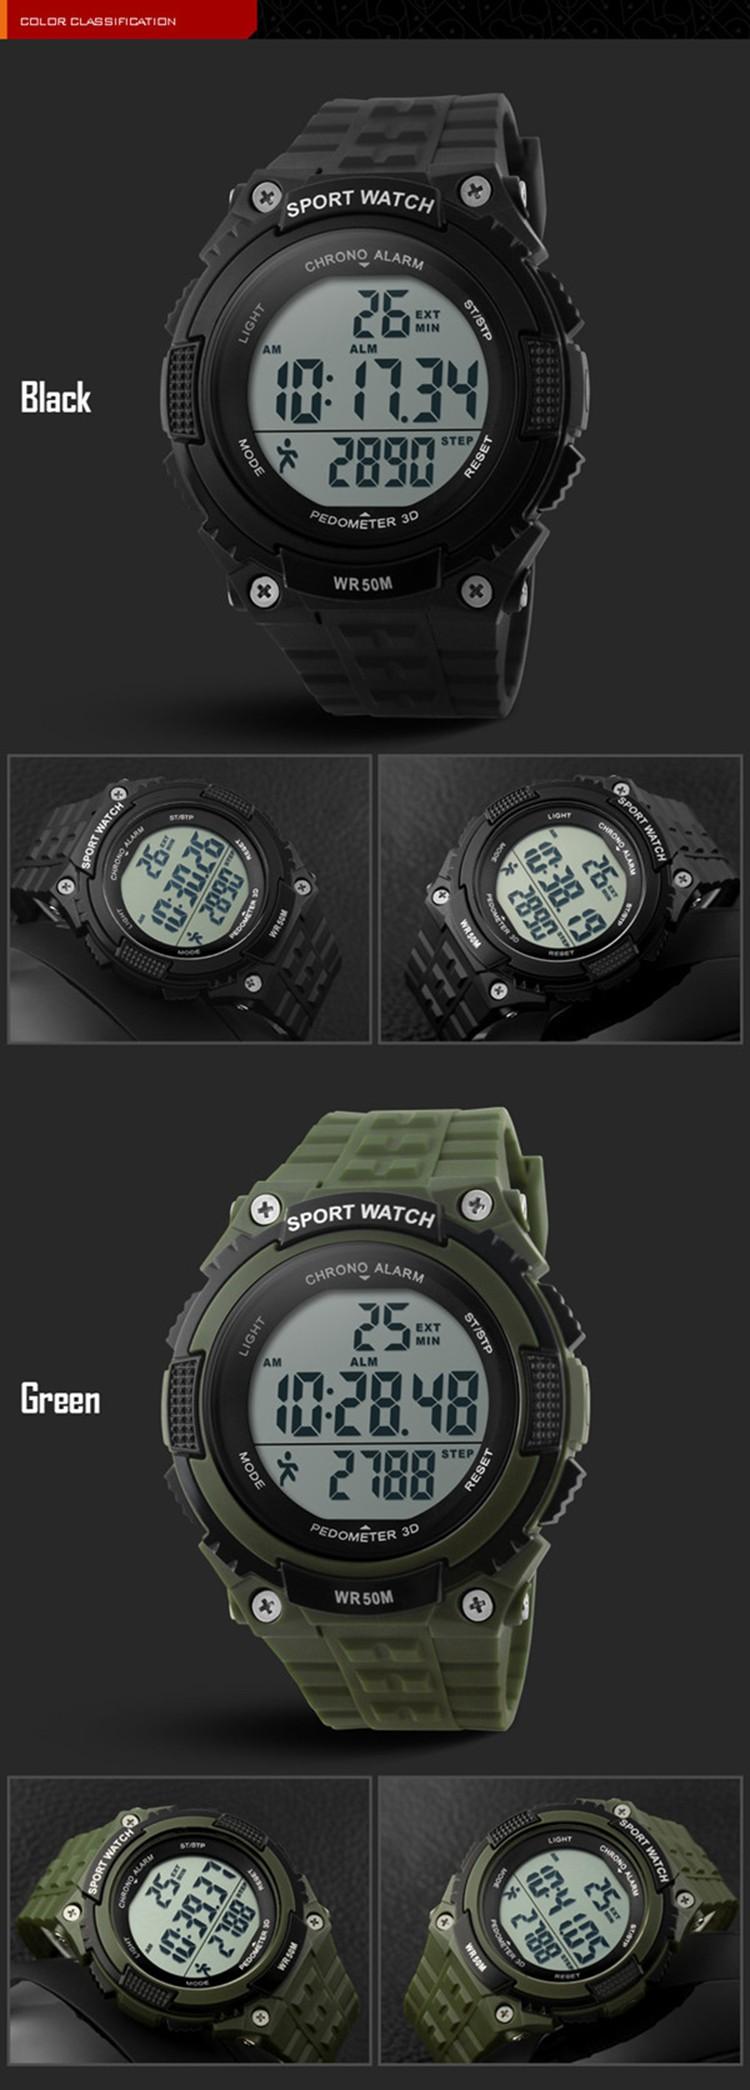 c0c6c07423f SKMEI Esportes Relógios Das Mulheres Dos Homens Do Exército Militar  Assistir À Prova D  Água